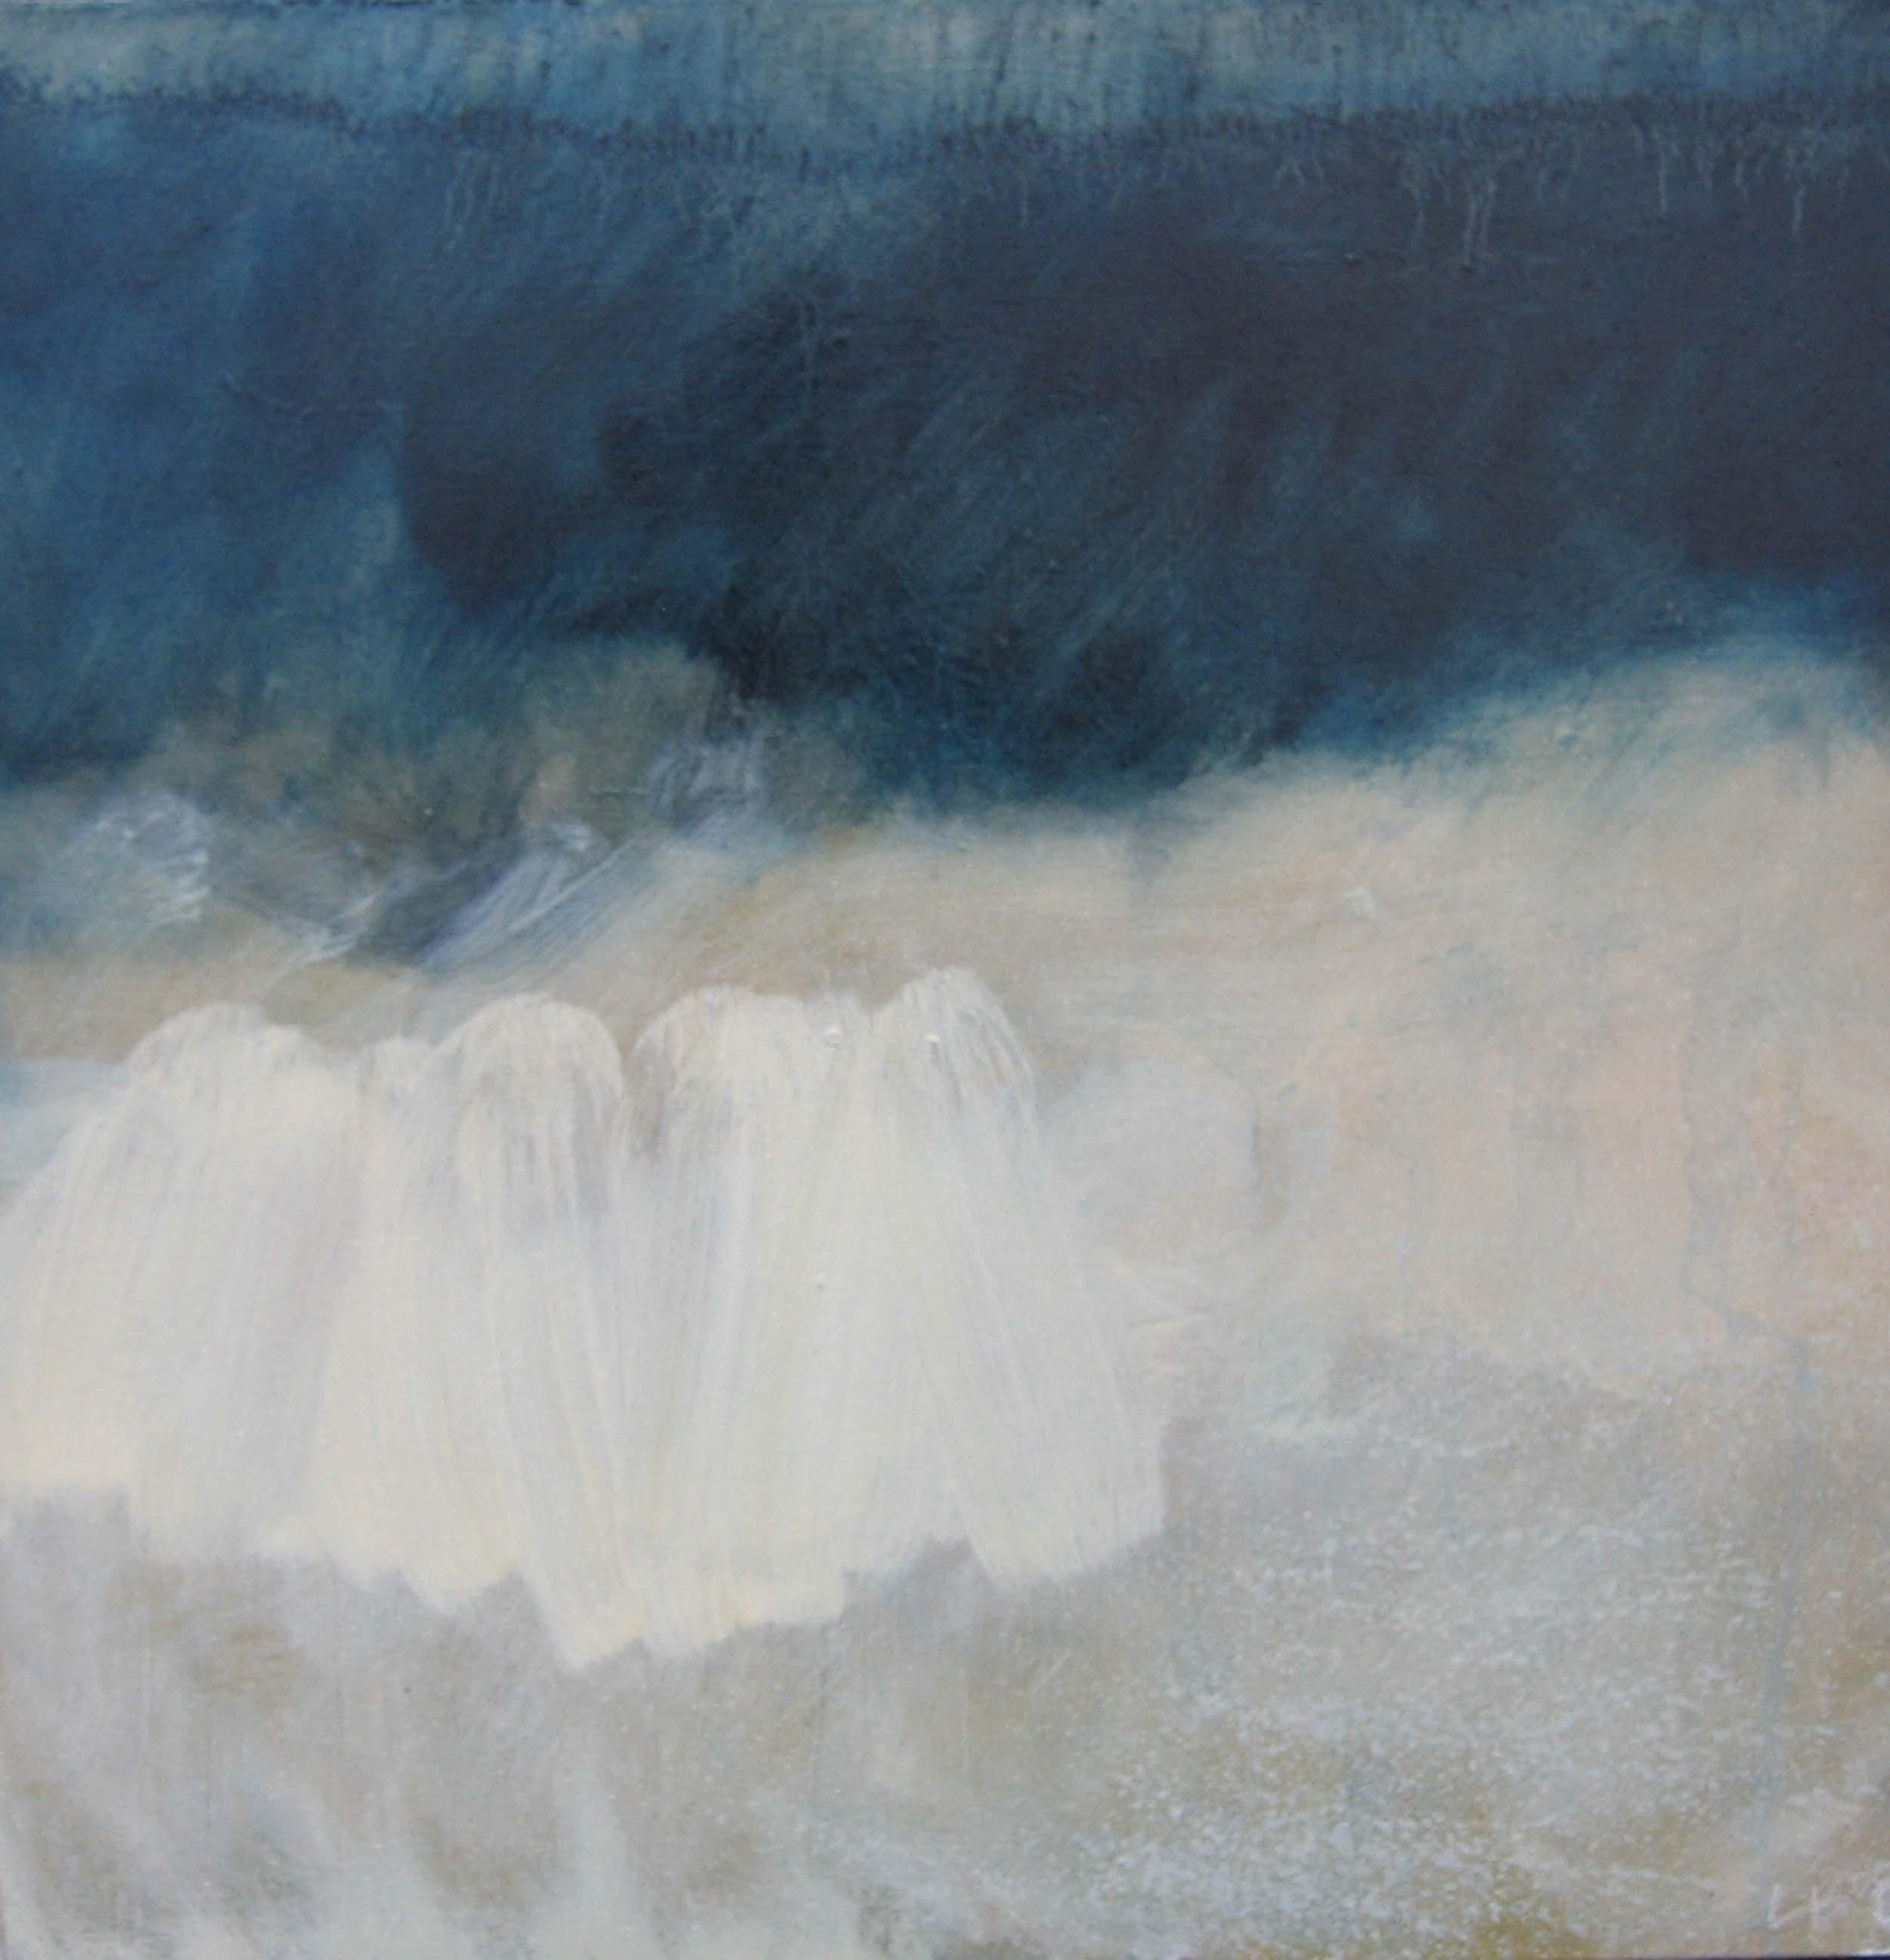 Leah Beggs 2008 - White Gate - Oil on Canvas - 60 x 60cm_sml.jpg